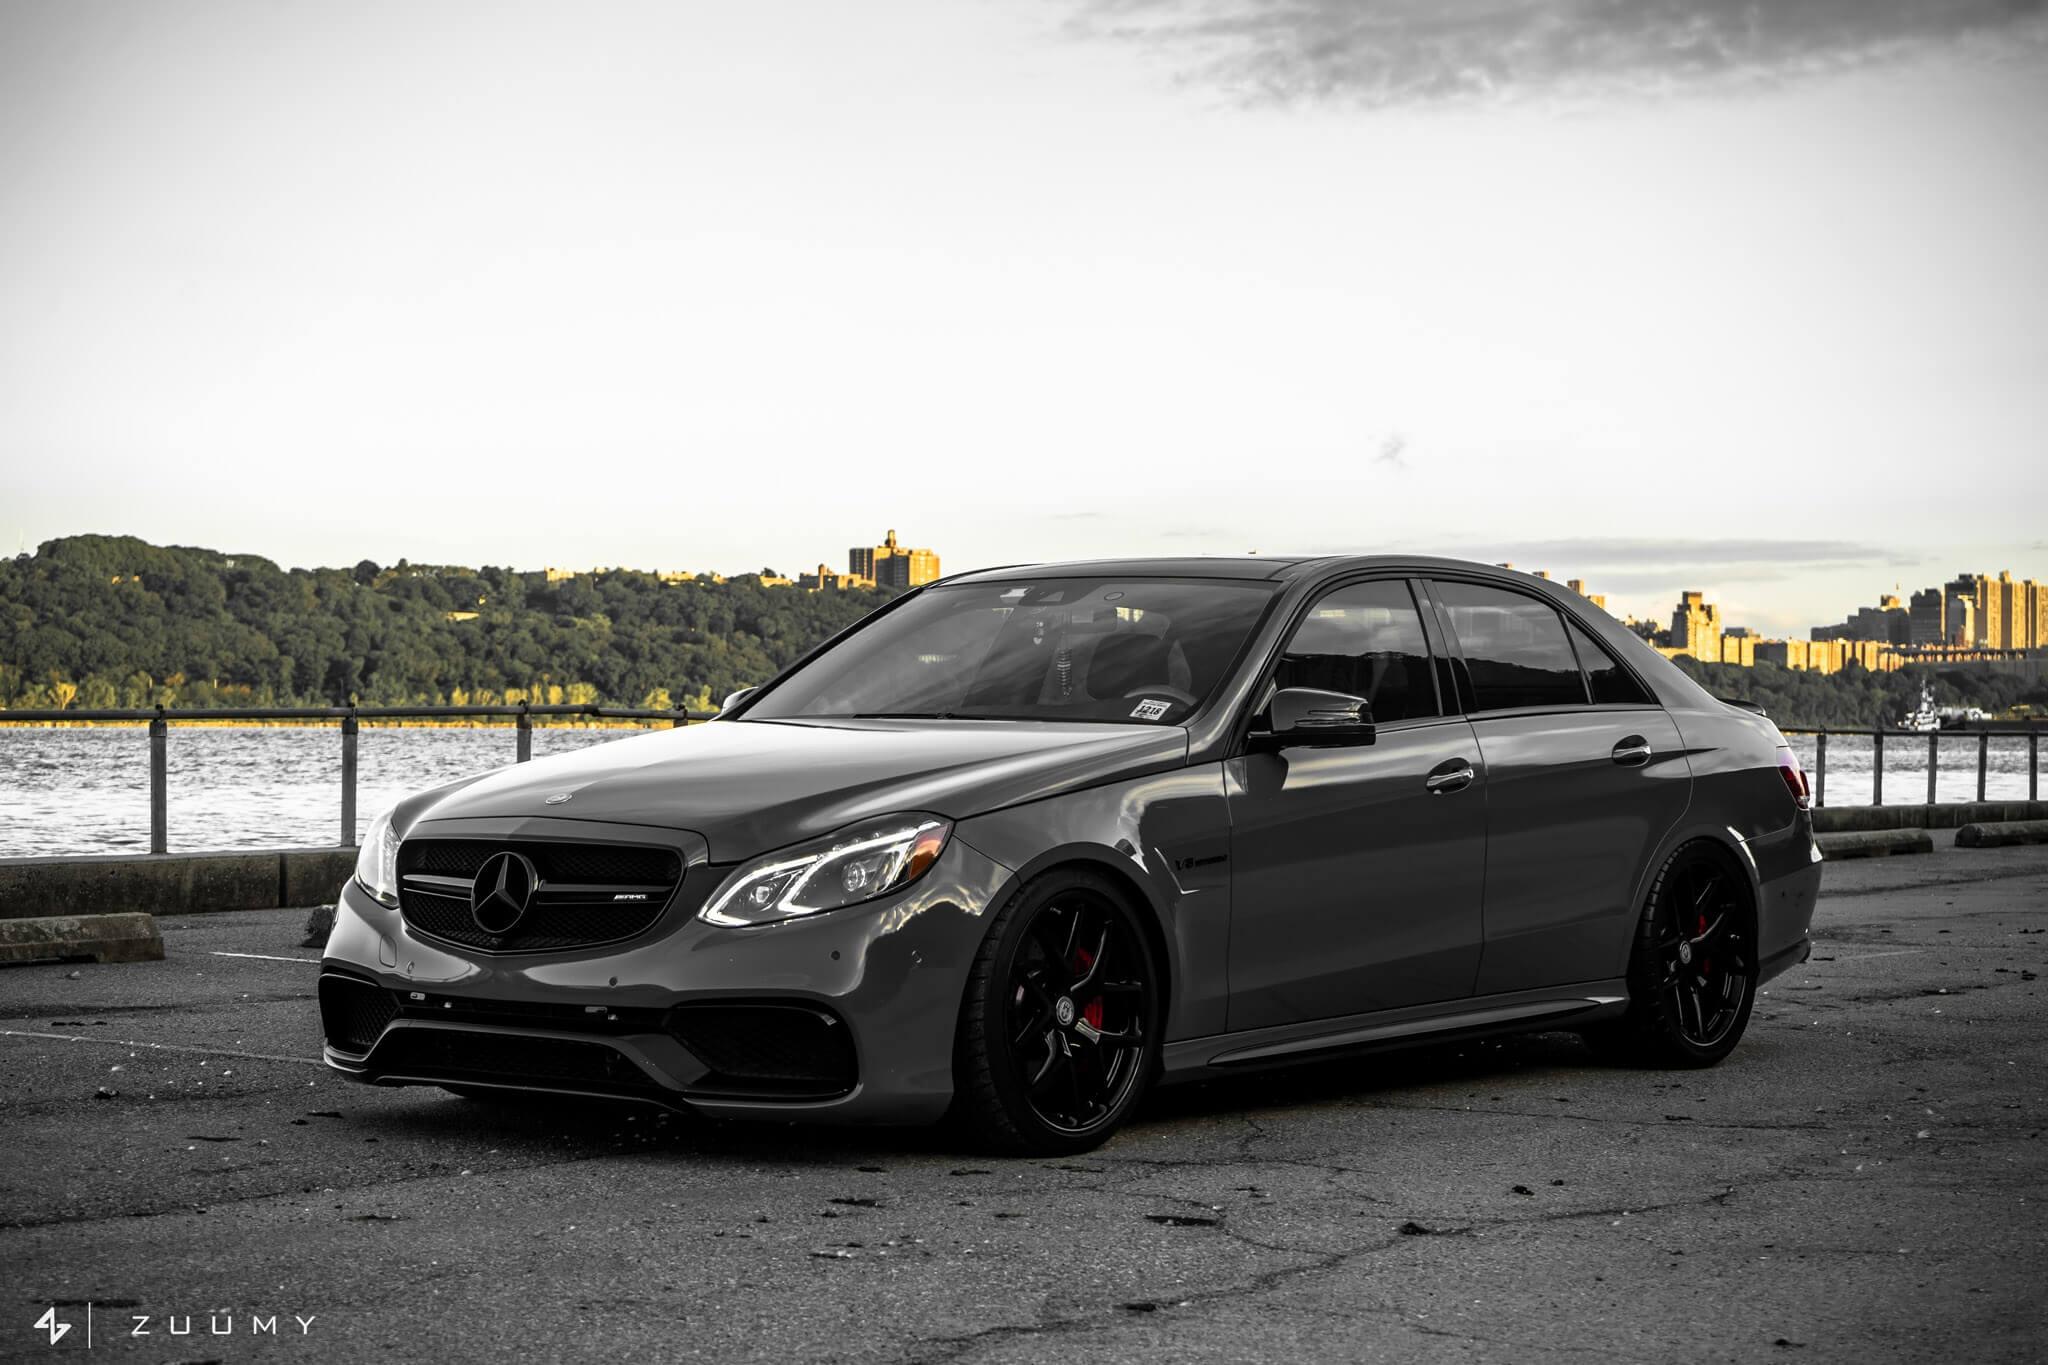 Mercedes E63 Amg Black Www Pixshark Com Images